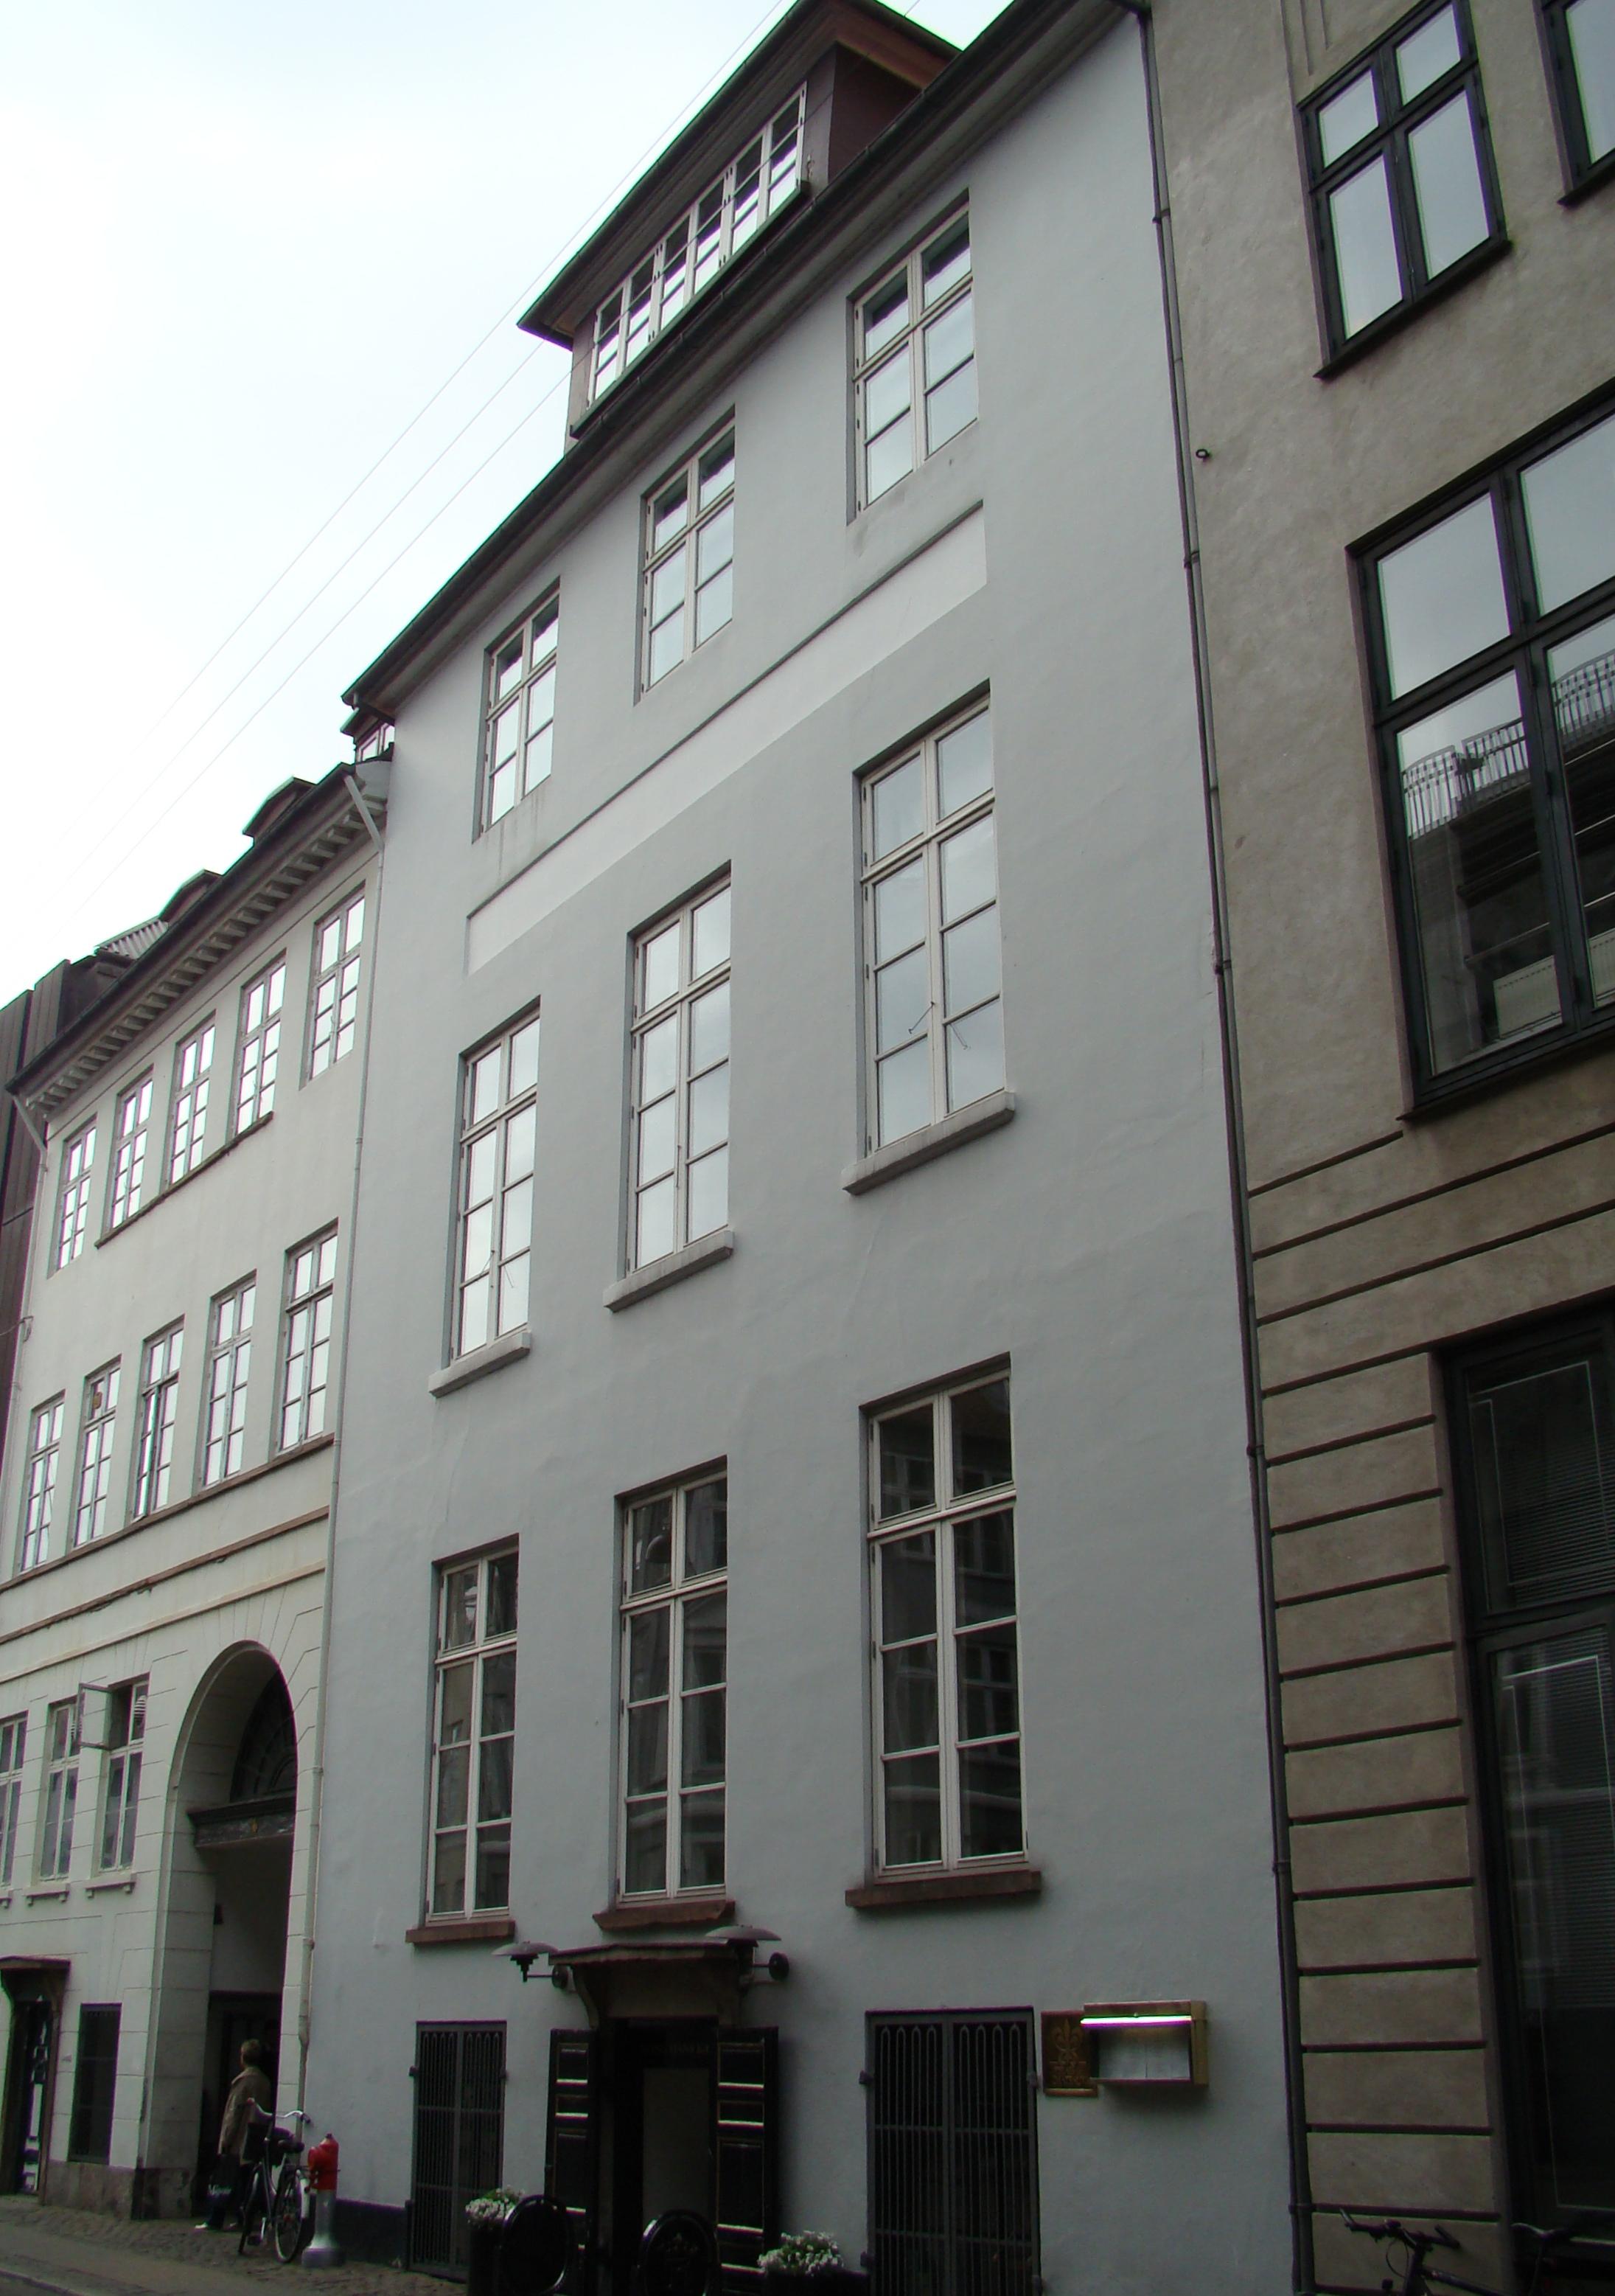 Kongens-Nytorv-13-15-Vingårdstræde-4-6-Lille-Kongensgade-15-17- 29